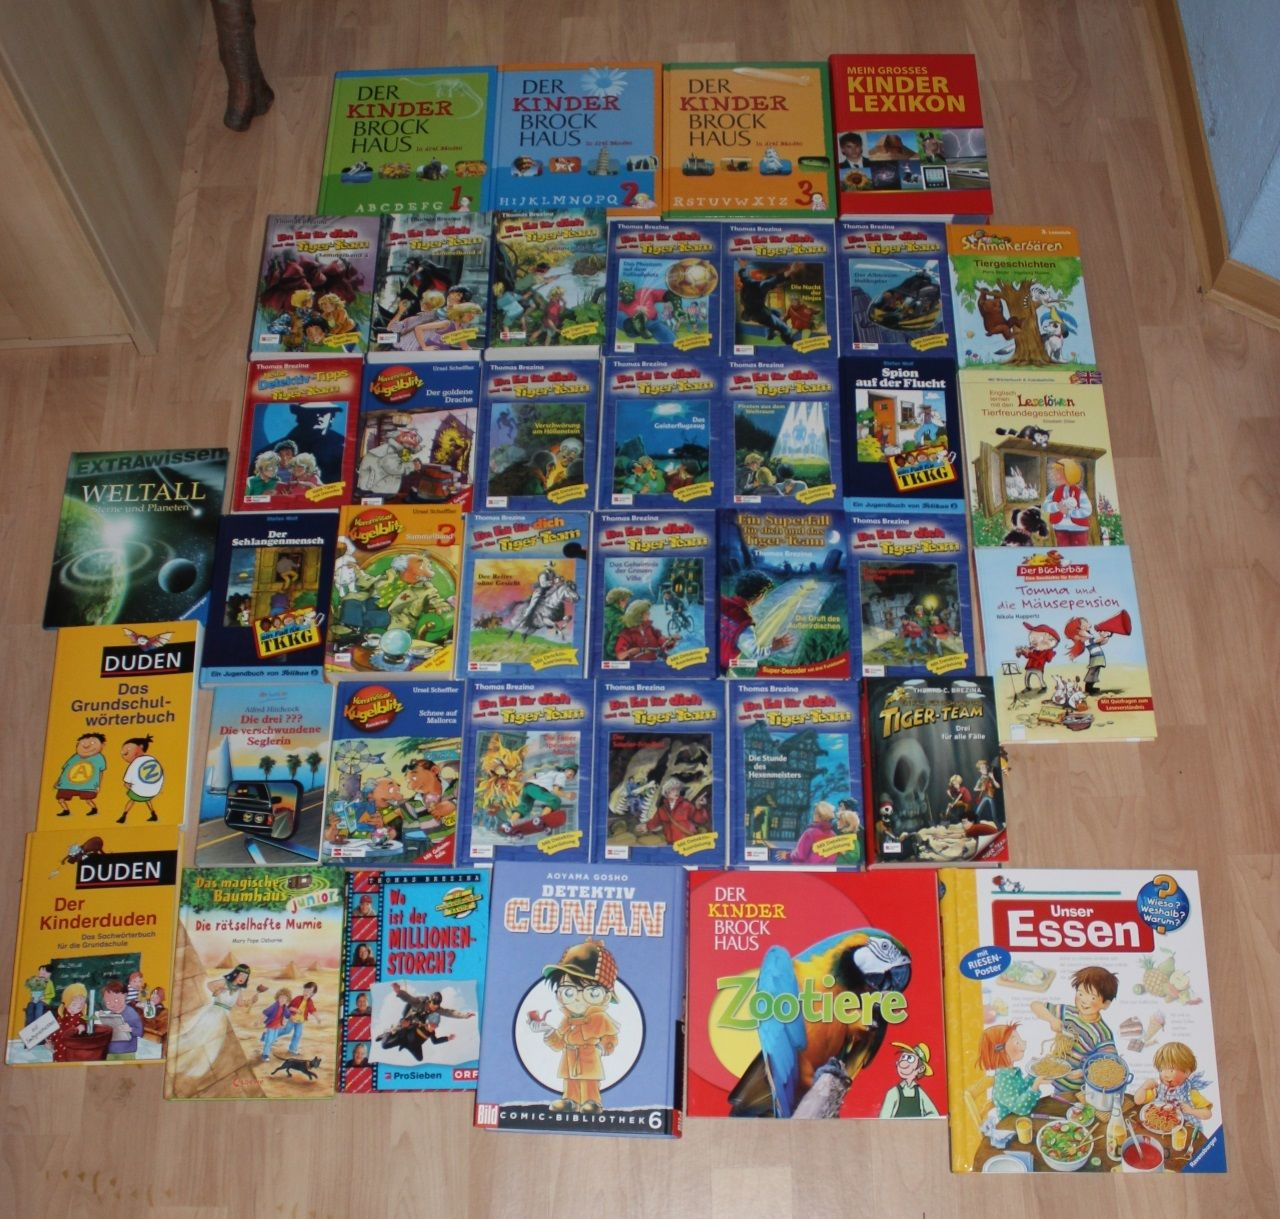 39 teiliges Kinder Bücherpaket (ca.15kg) - Tiger Team, Duden, Brockhaus und mehr